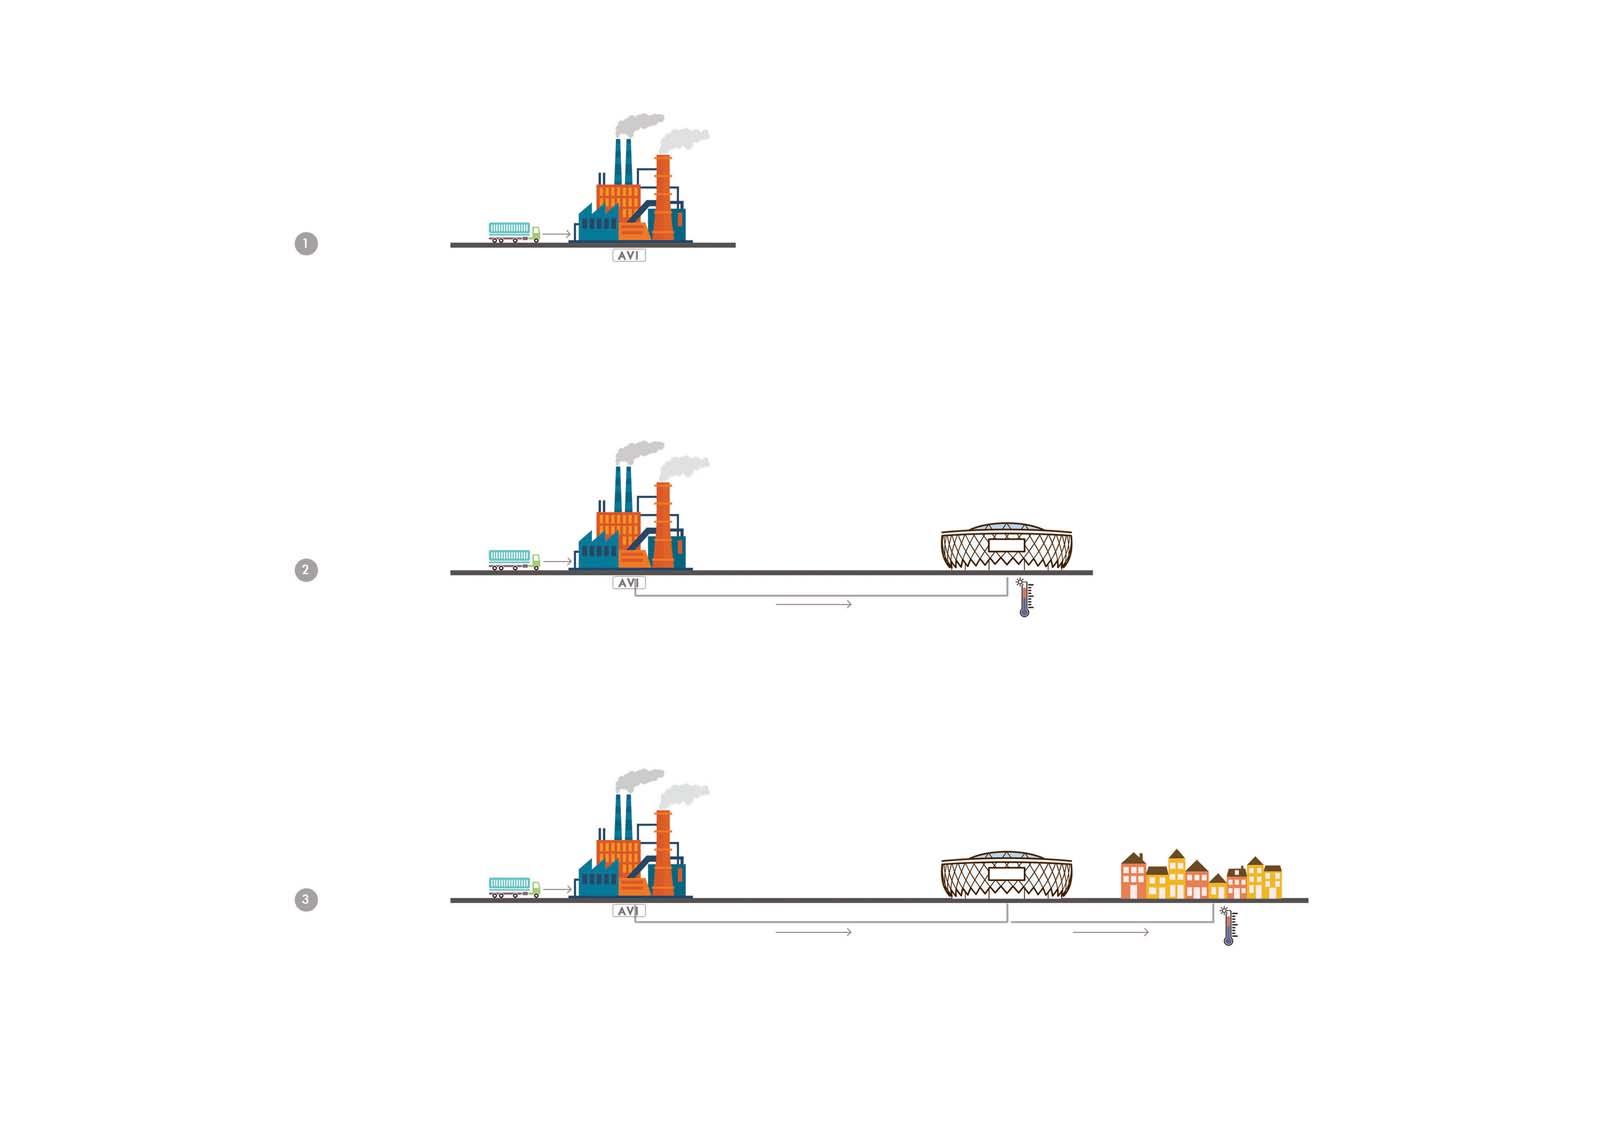 HVC phases 1-3